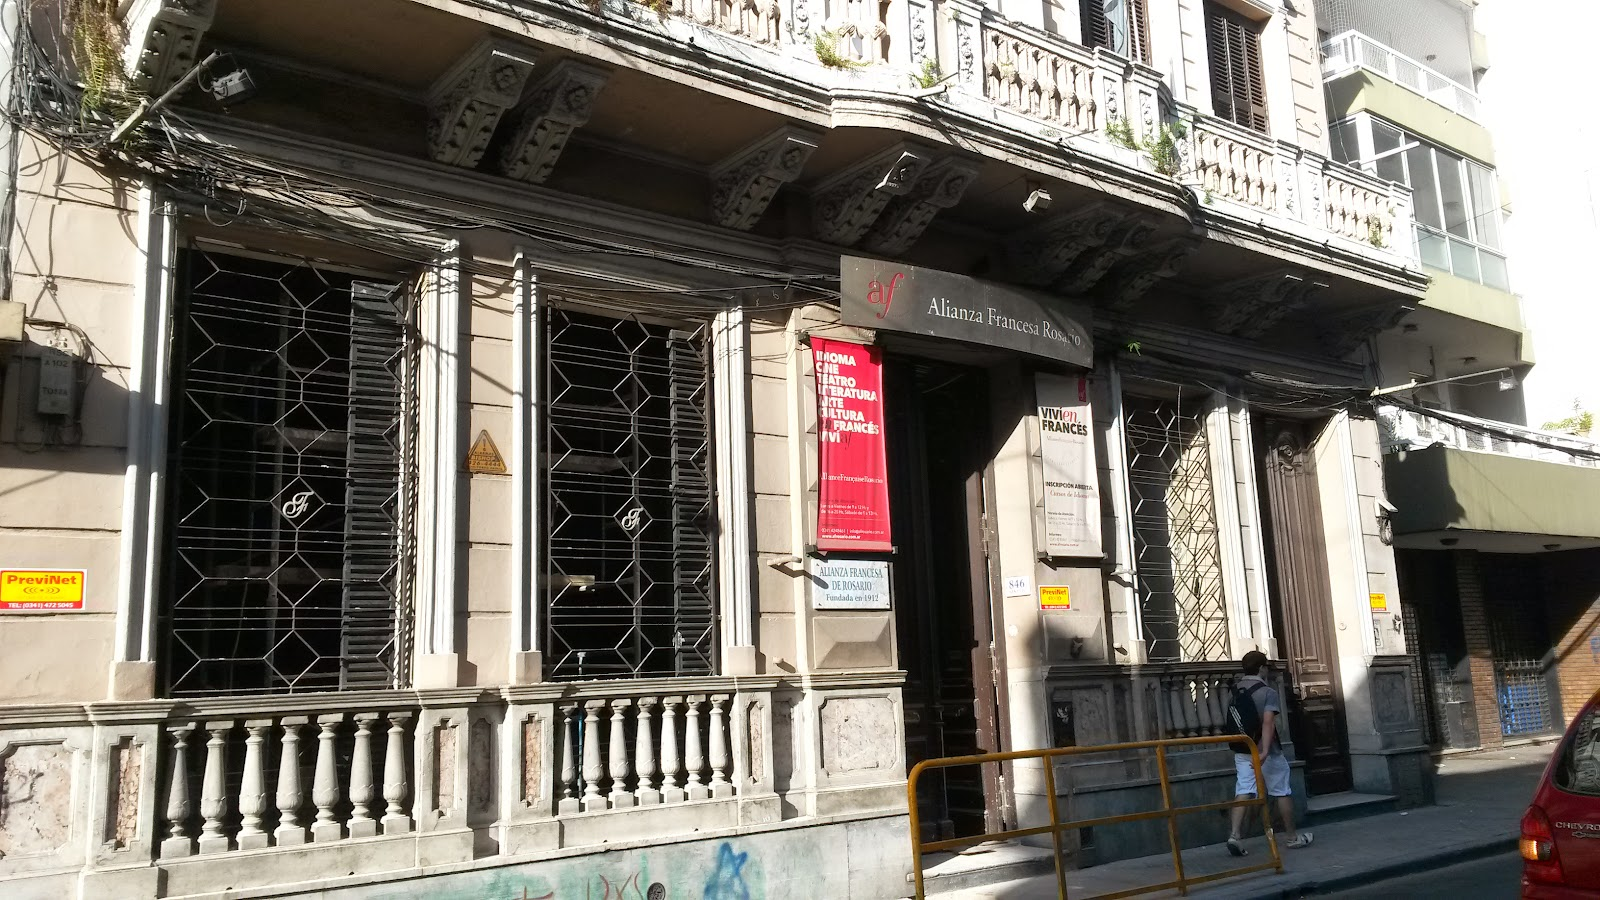 Rosario en blanco y negro, Colectivo de Fotógrafos de Rosario, Argentina, Alianza Francesa, Elisa N, Blog de Viajes, Lifestyle, Travel